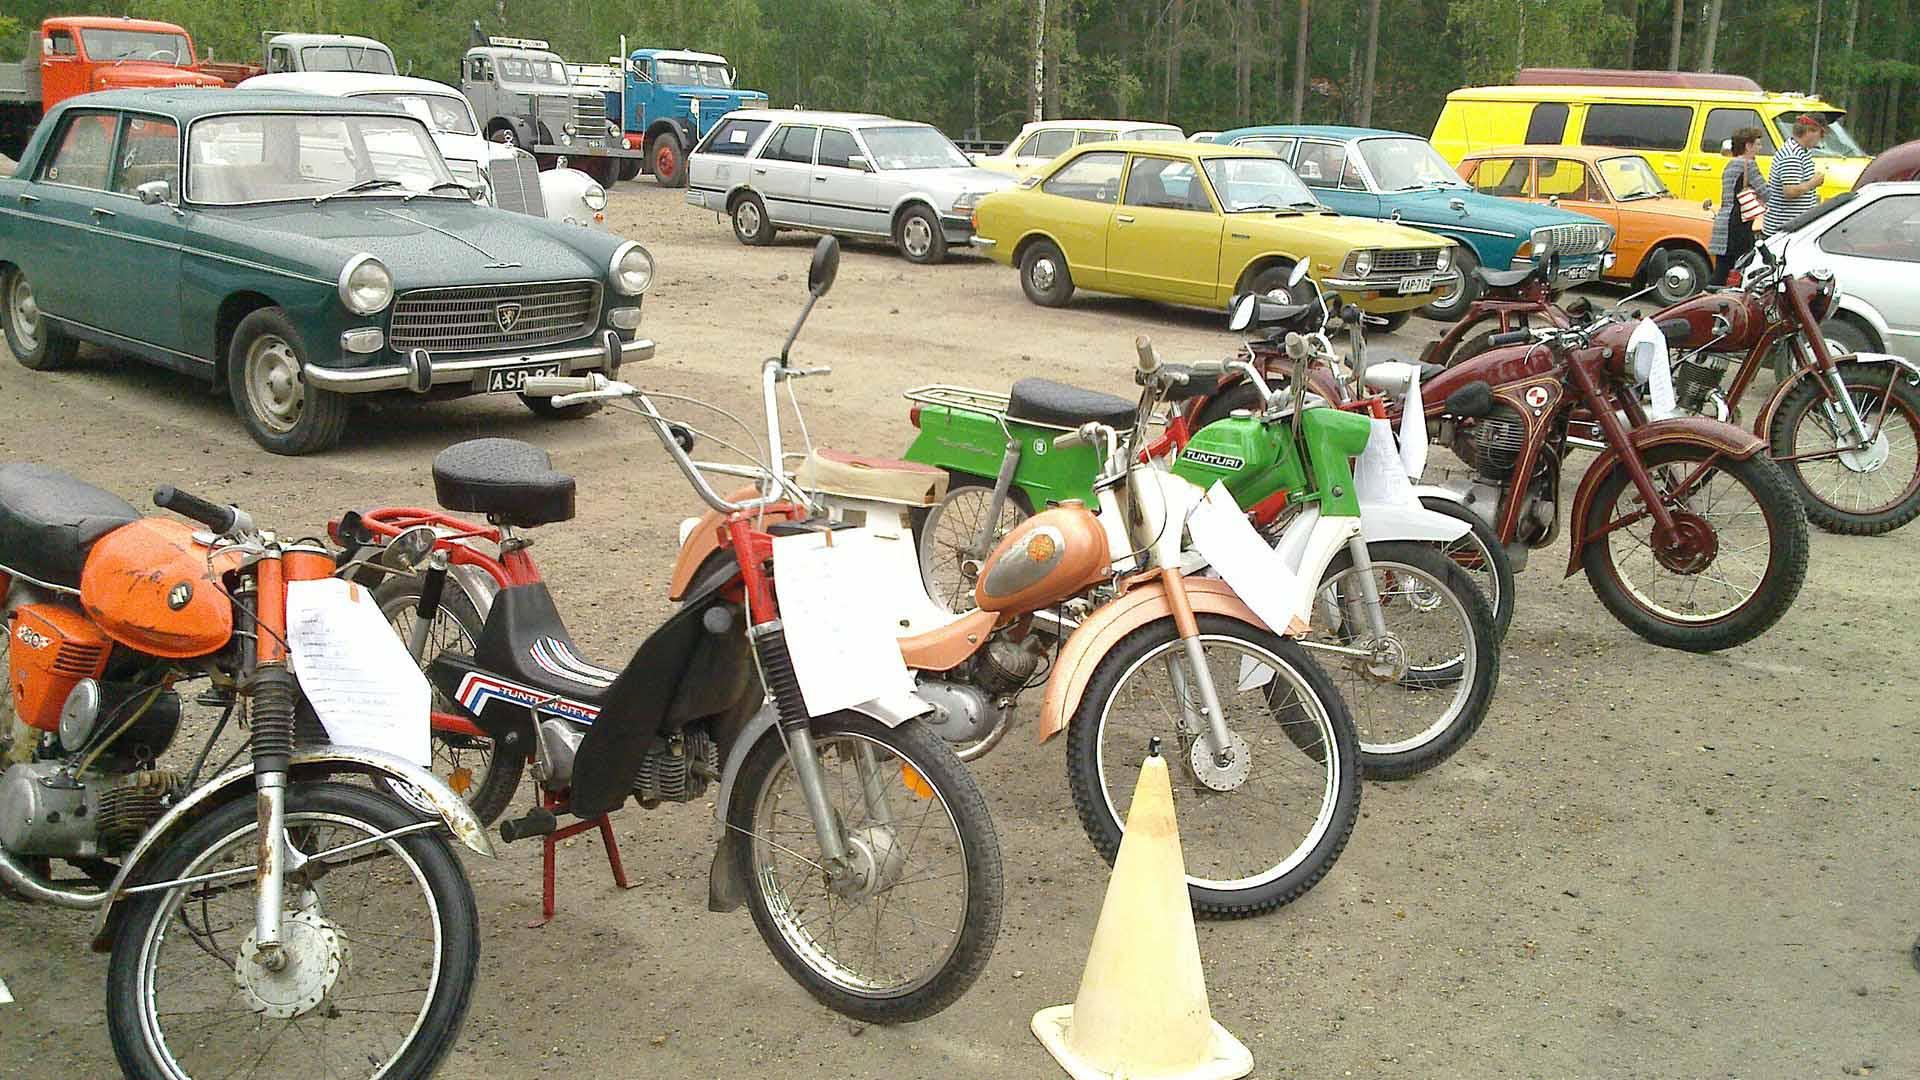 Ajoneuvoveron Laskeminen